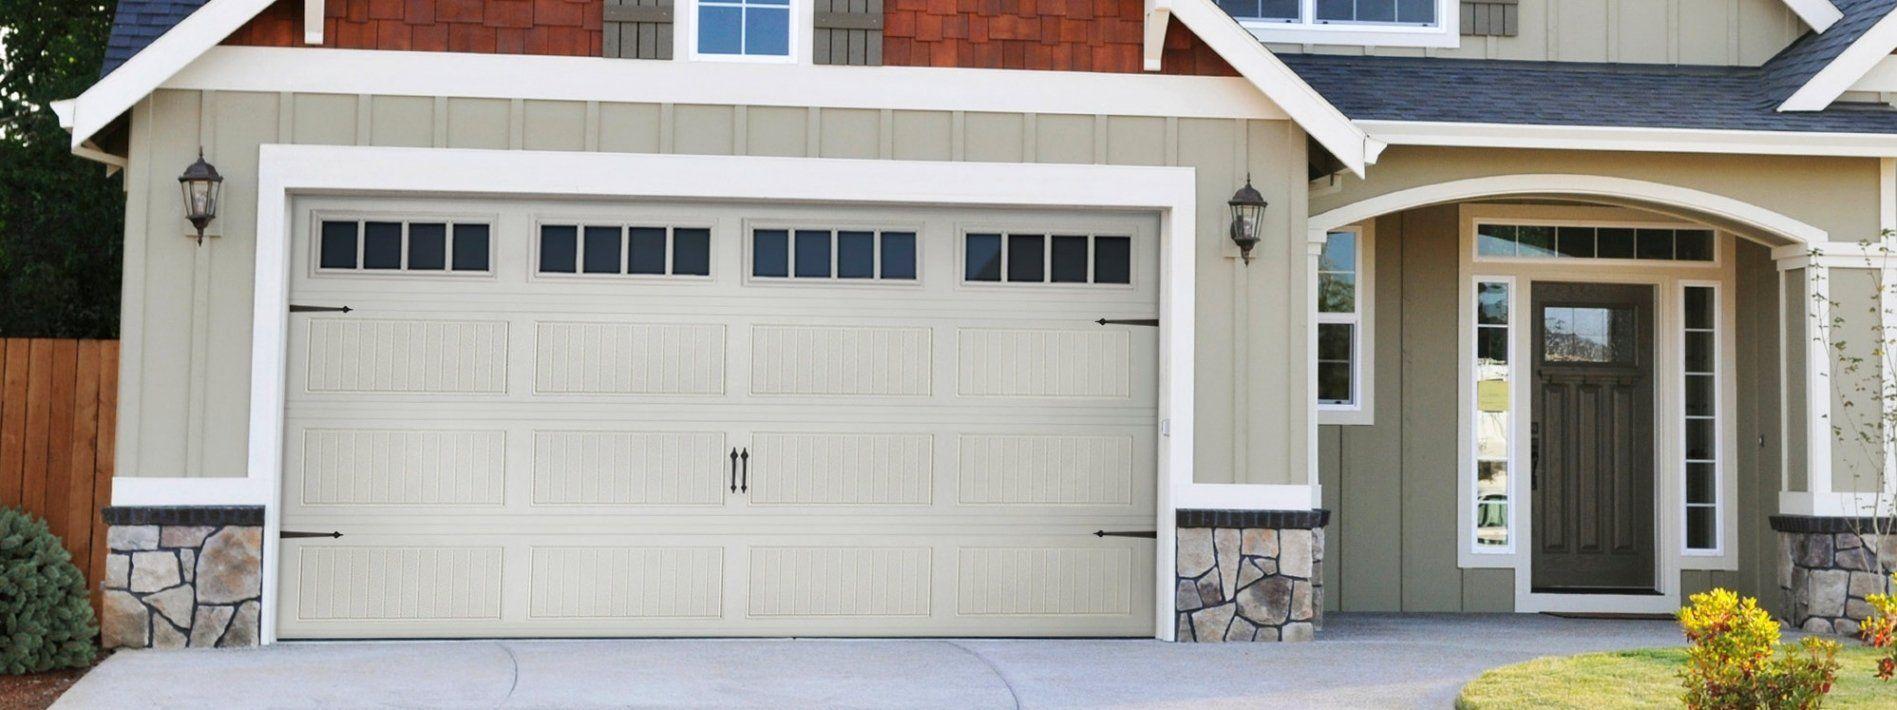 Garage Door Repair Dayton Ohio Httpundhimmigarage Door